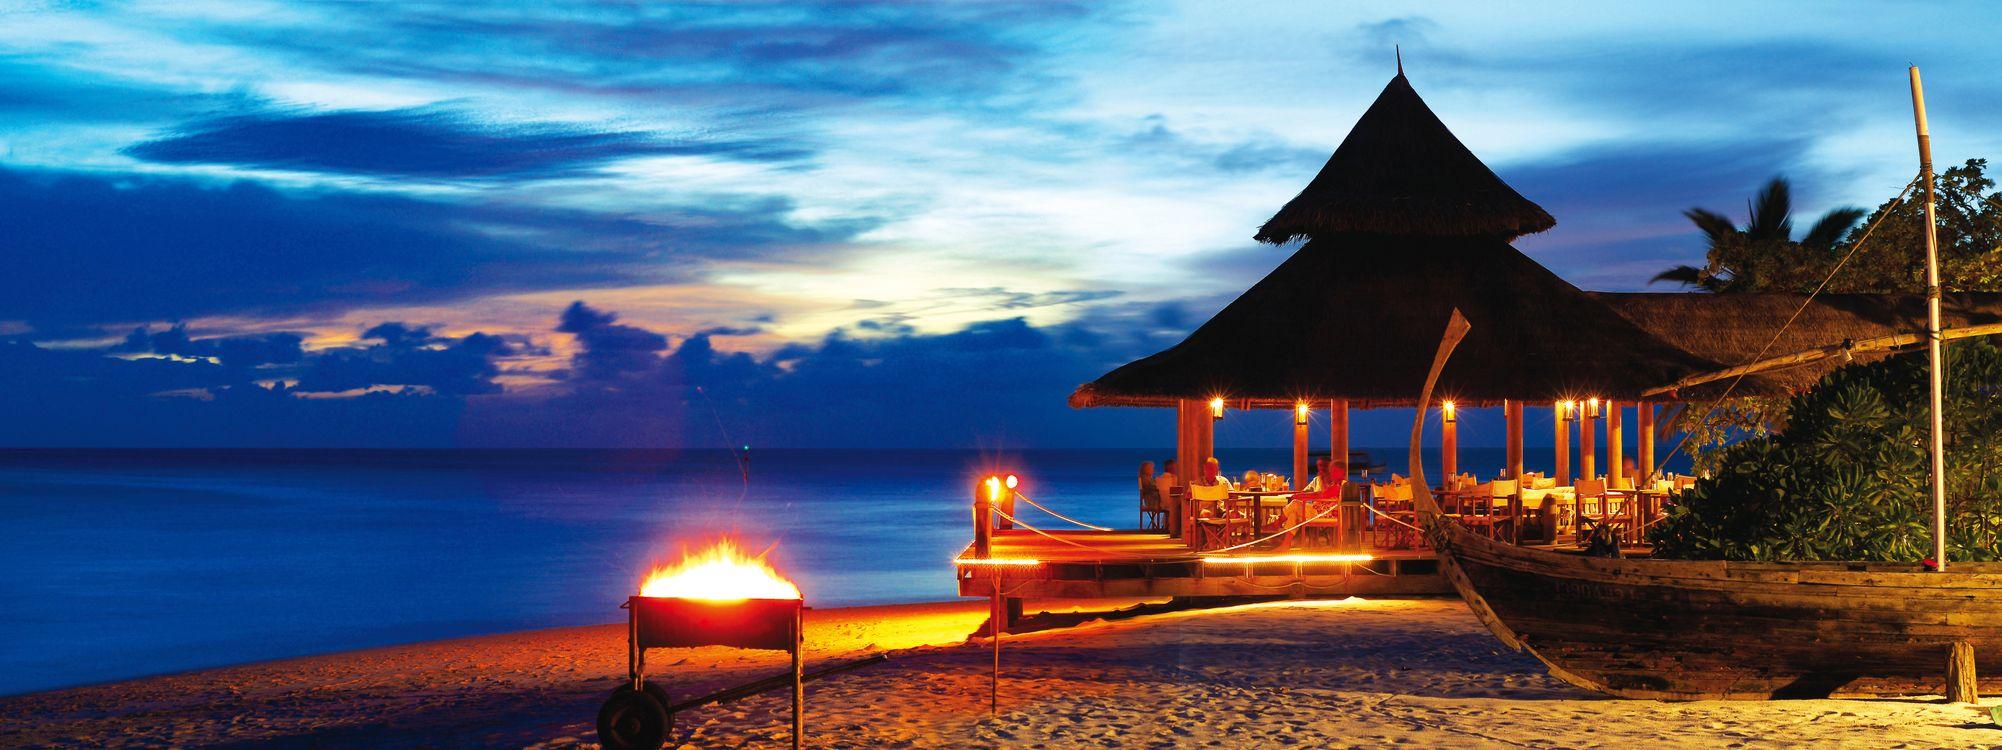 Фото бесплатно ресторан, пейзажи, пляж - на рабочий стол